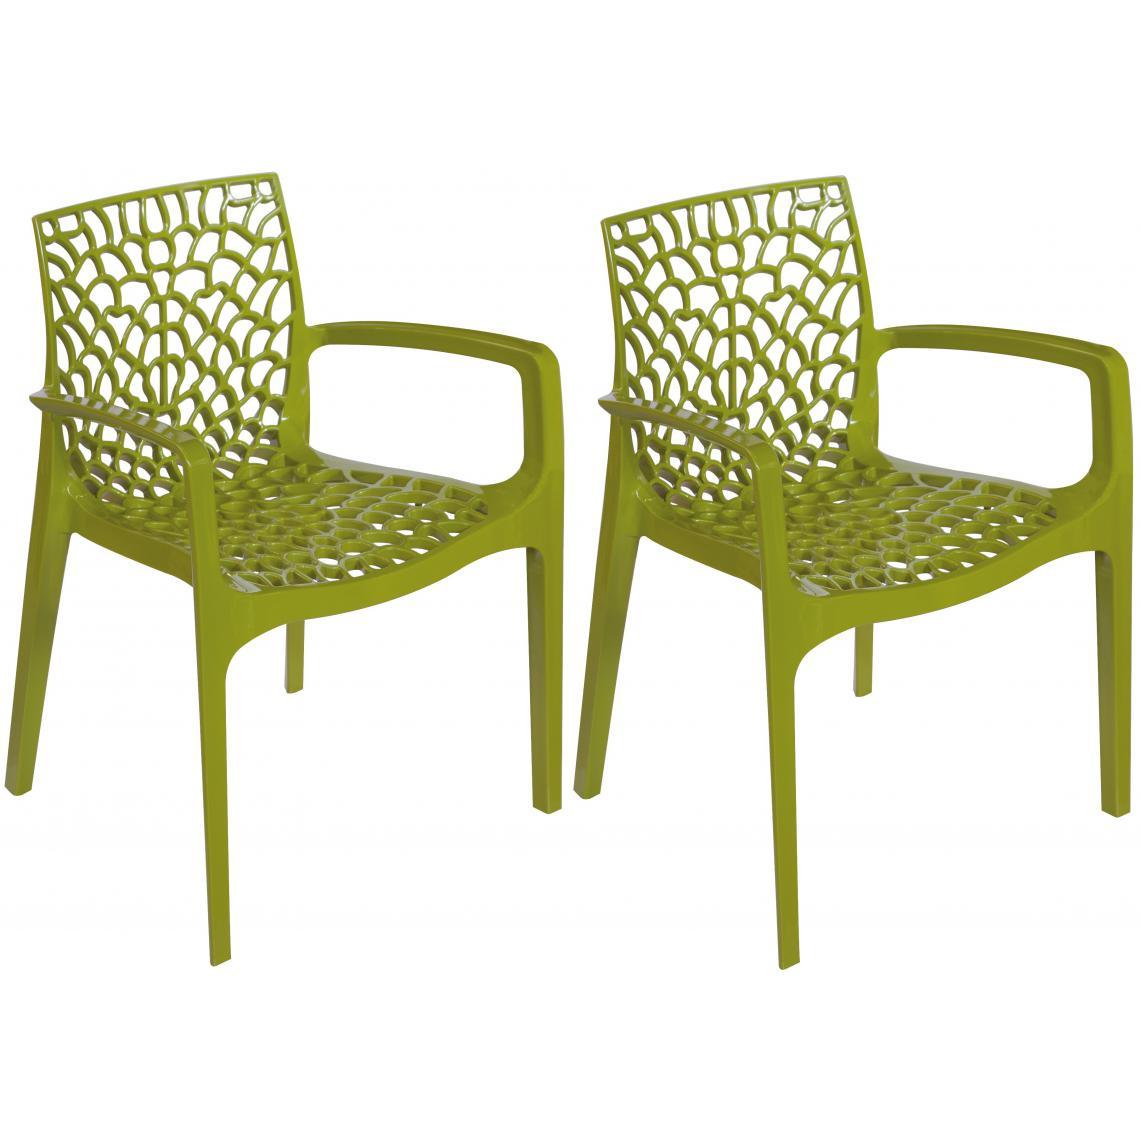 Meuble De Cuisine Vert Anis lot de 2 chaises vertes anis avec accoudoirs dentelle plus de détails